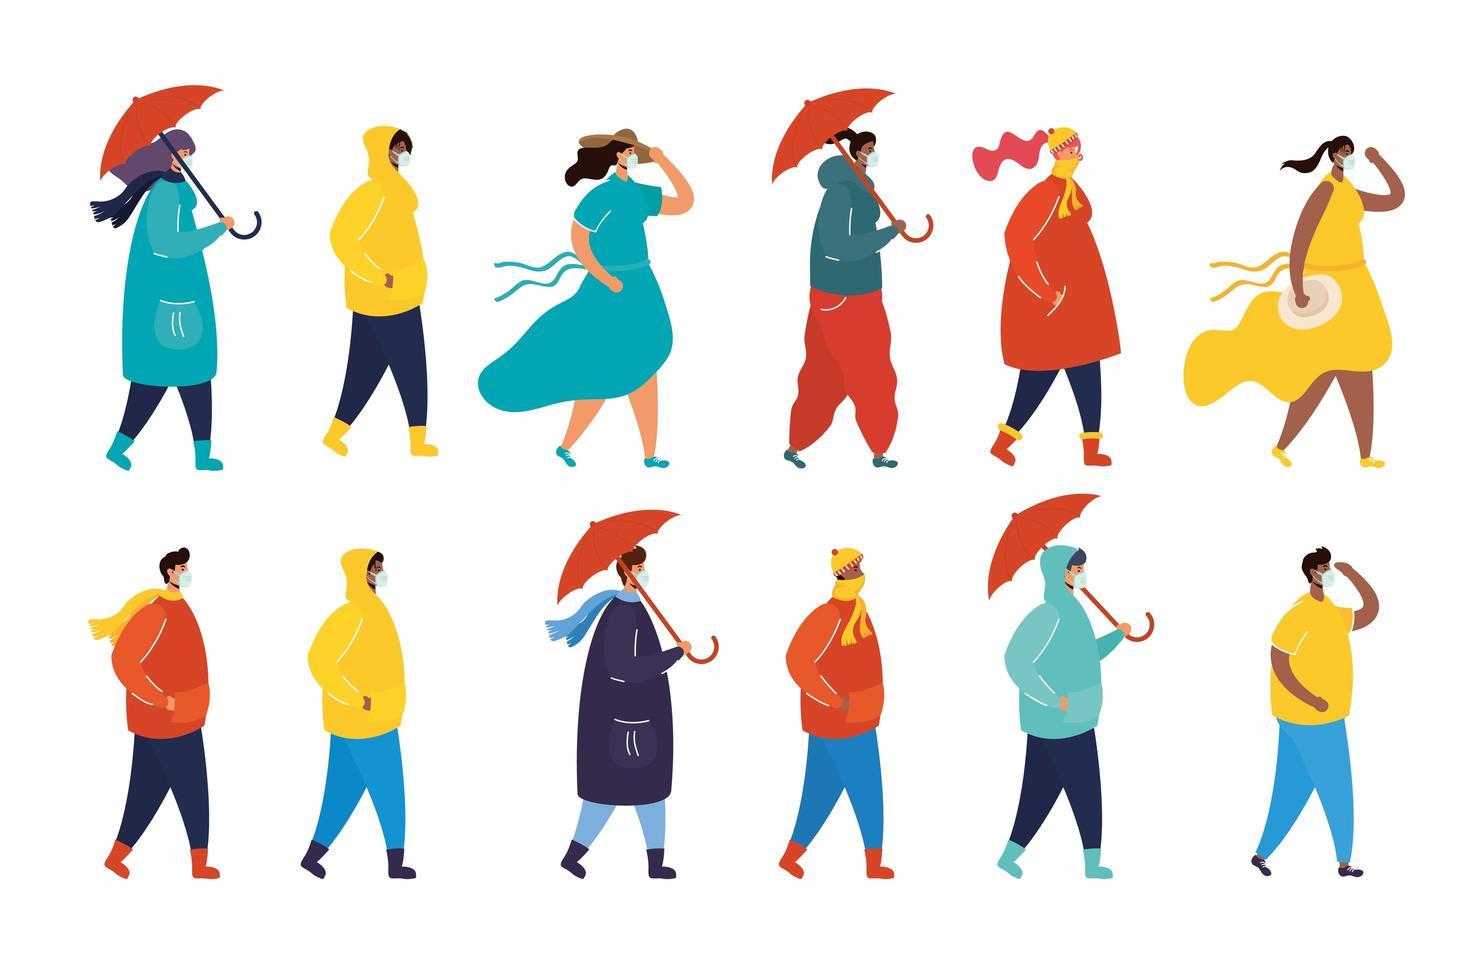 Personen mit Gesichtsmasken im Profilzeichensatz vektor